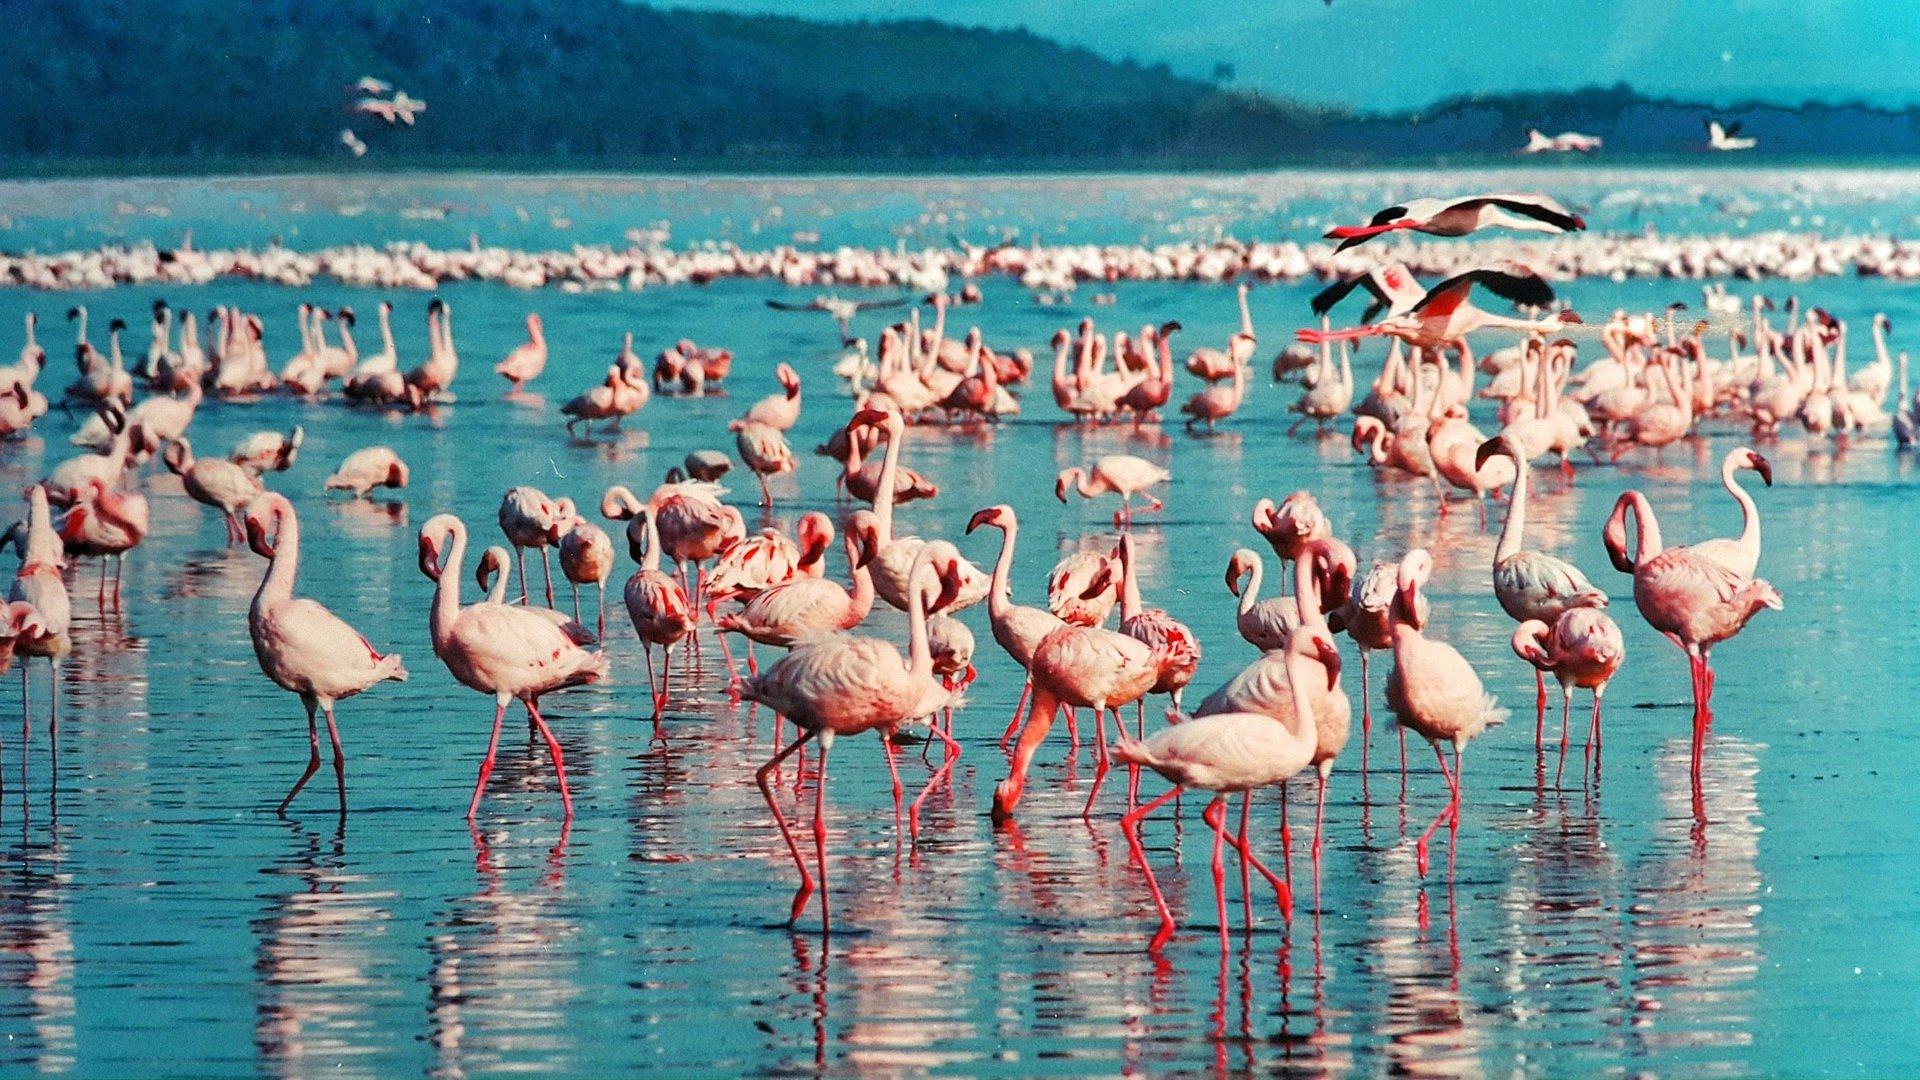 10-Day Kenya 'Out of Africa' Safari - Kenya Itinerary